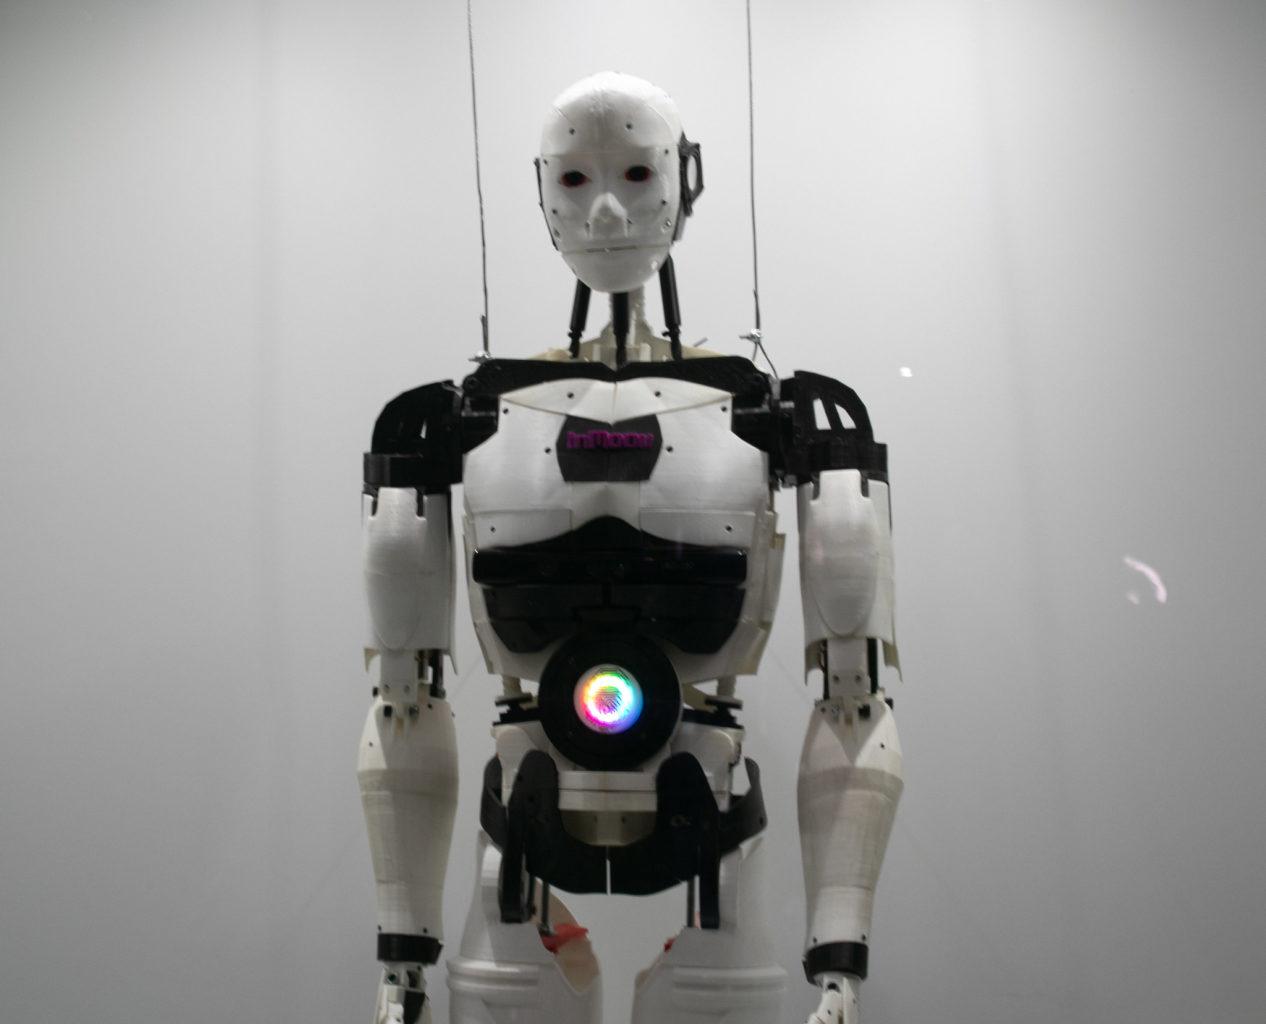 NOSOTROS ROBOTS: Un recorrido virtual por la historia de la robótica y su impacto en nuestras vidas